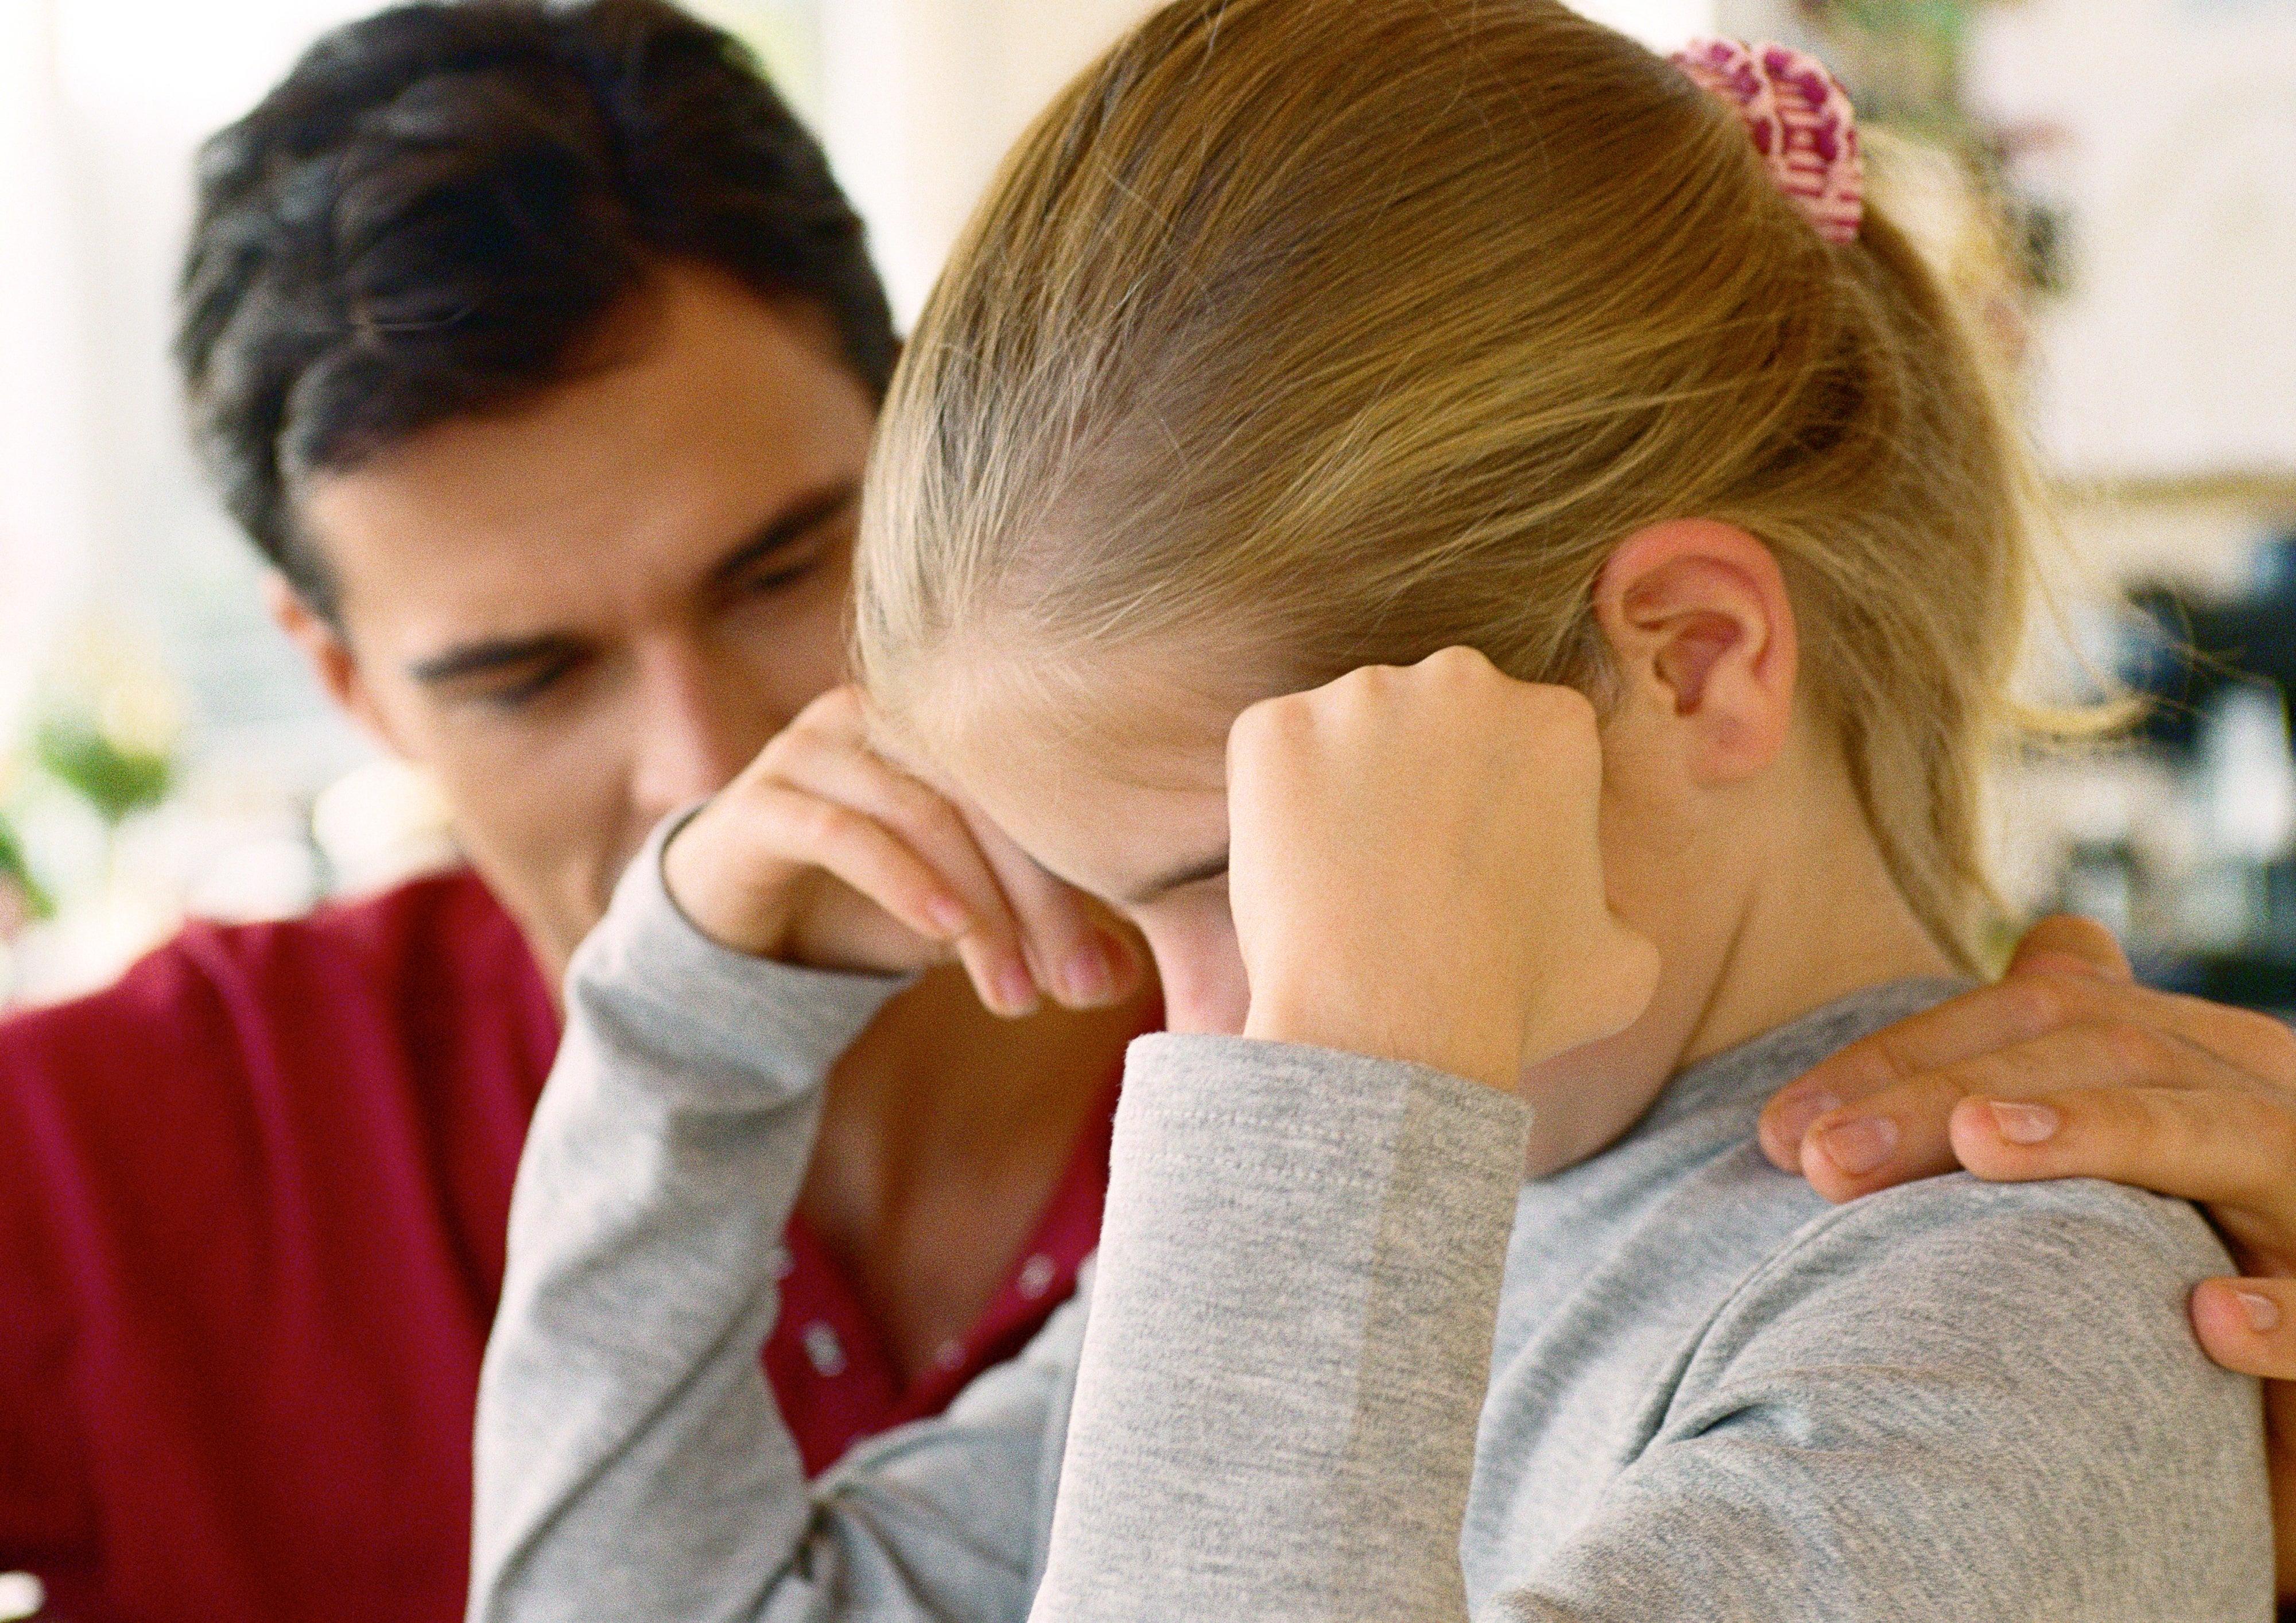 تشجيع الأطفال على التعبير عن مشاعرهم